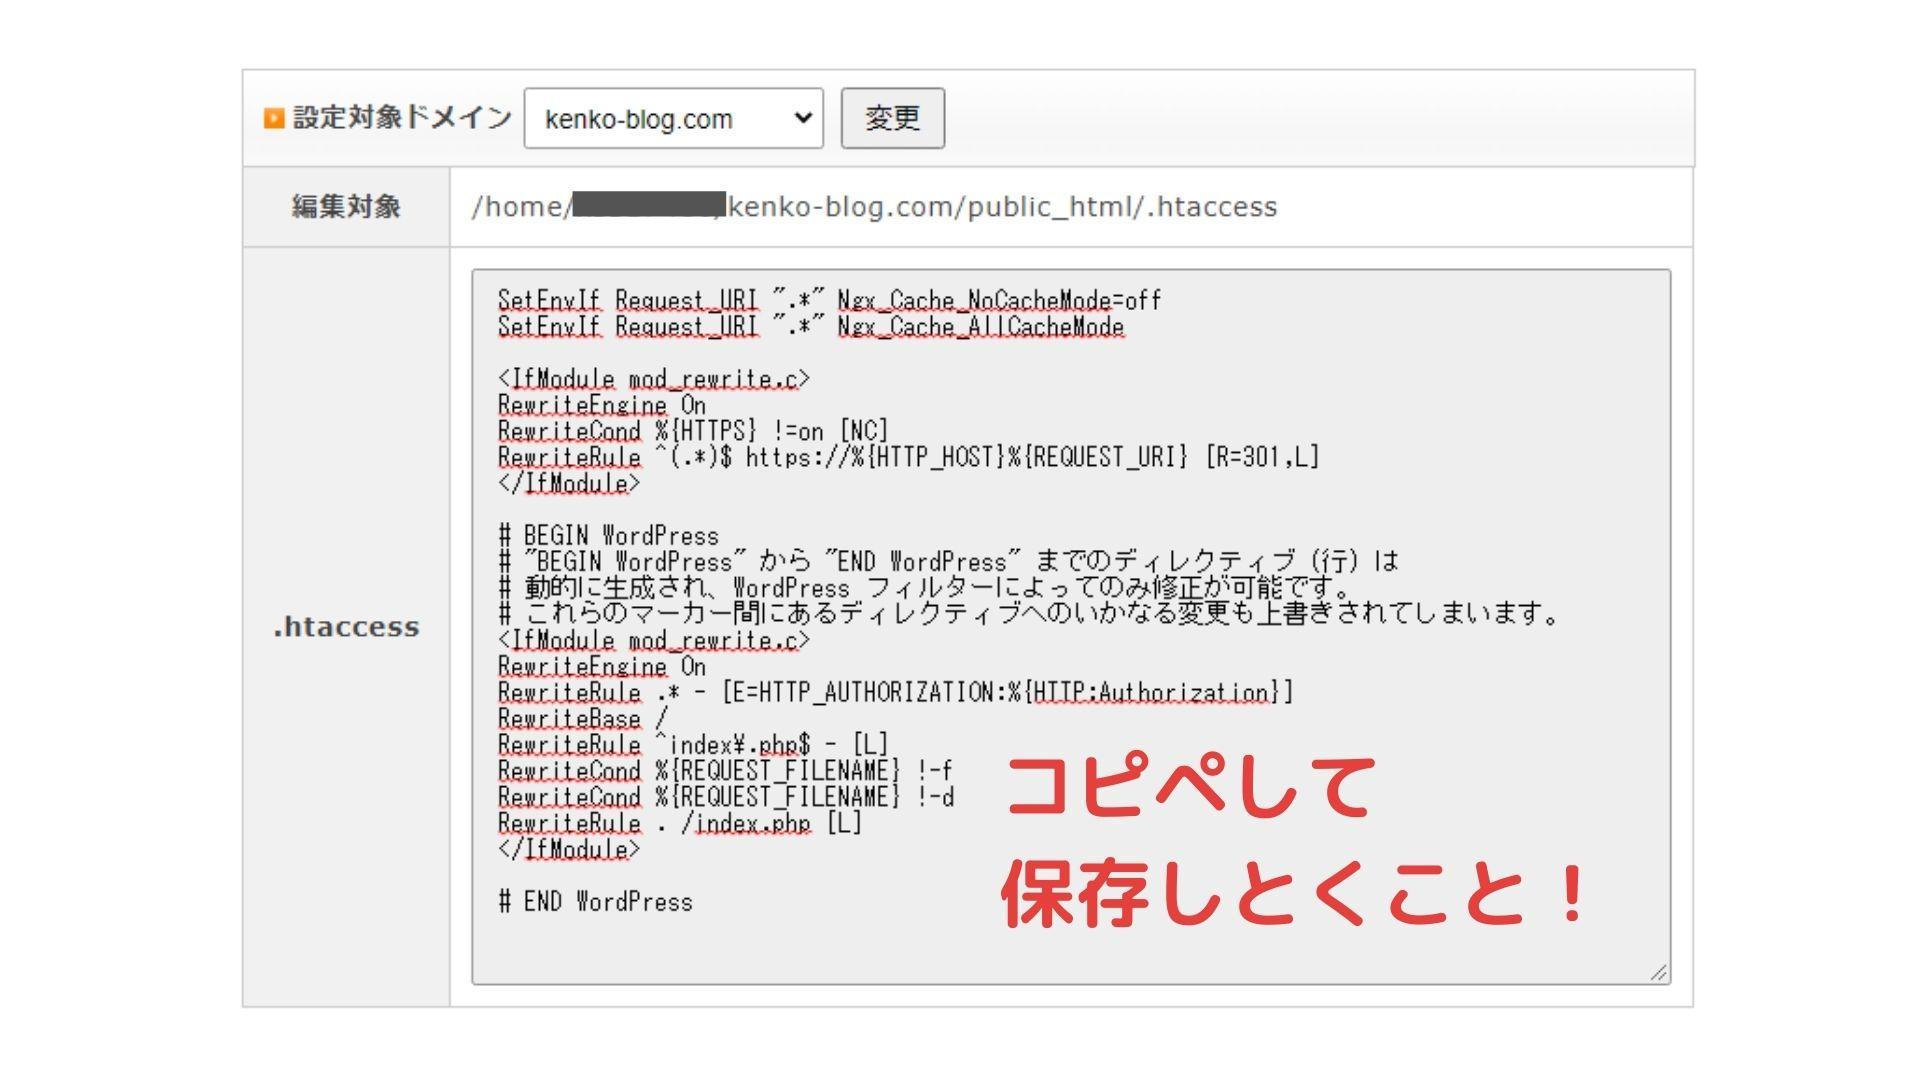 6.HTMLコードをメモにコピペして保存する